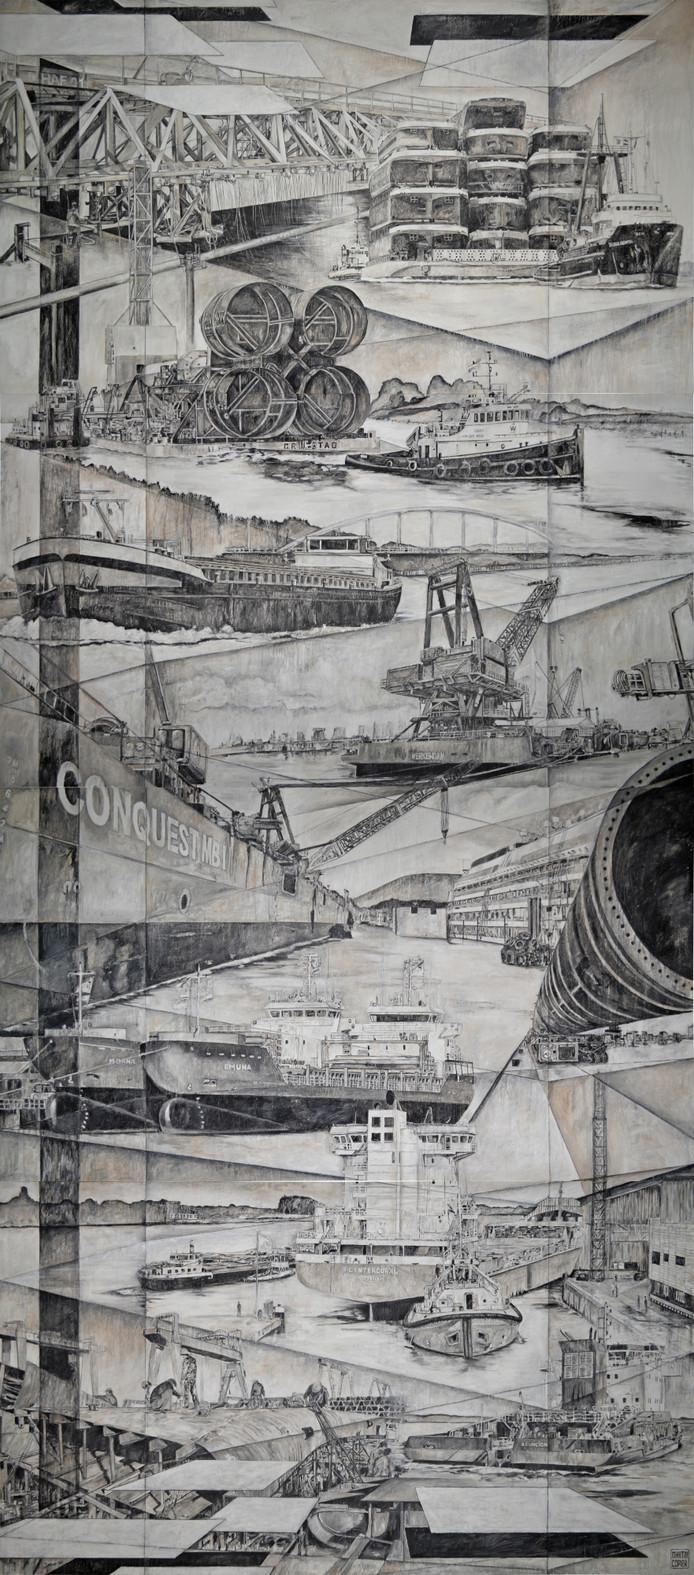 Het kunstwerk in de bedrijfshal van de Concordia Group.